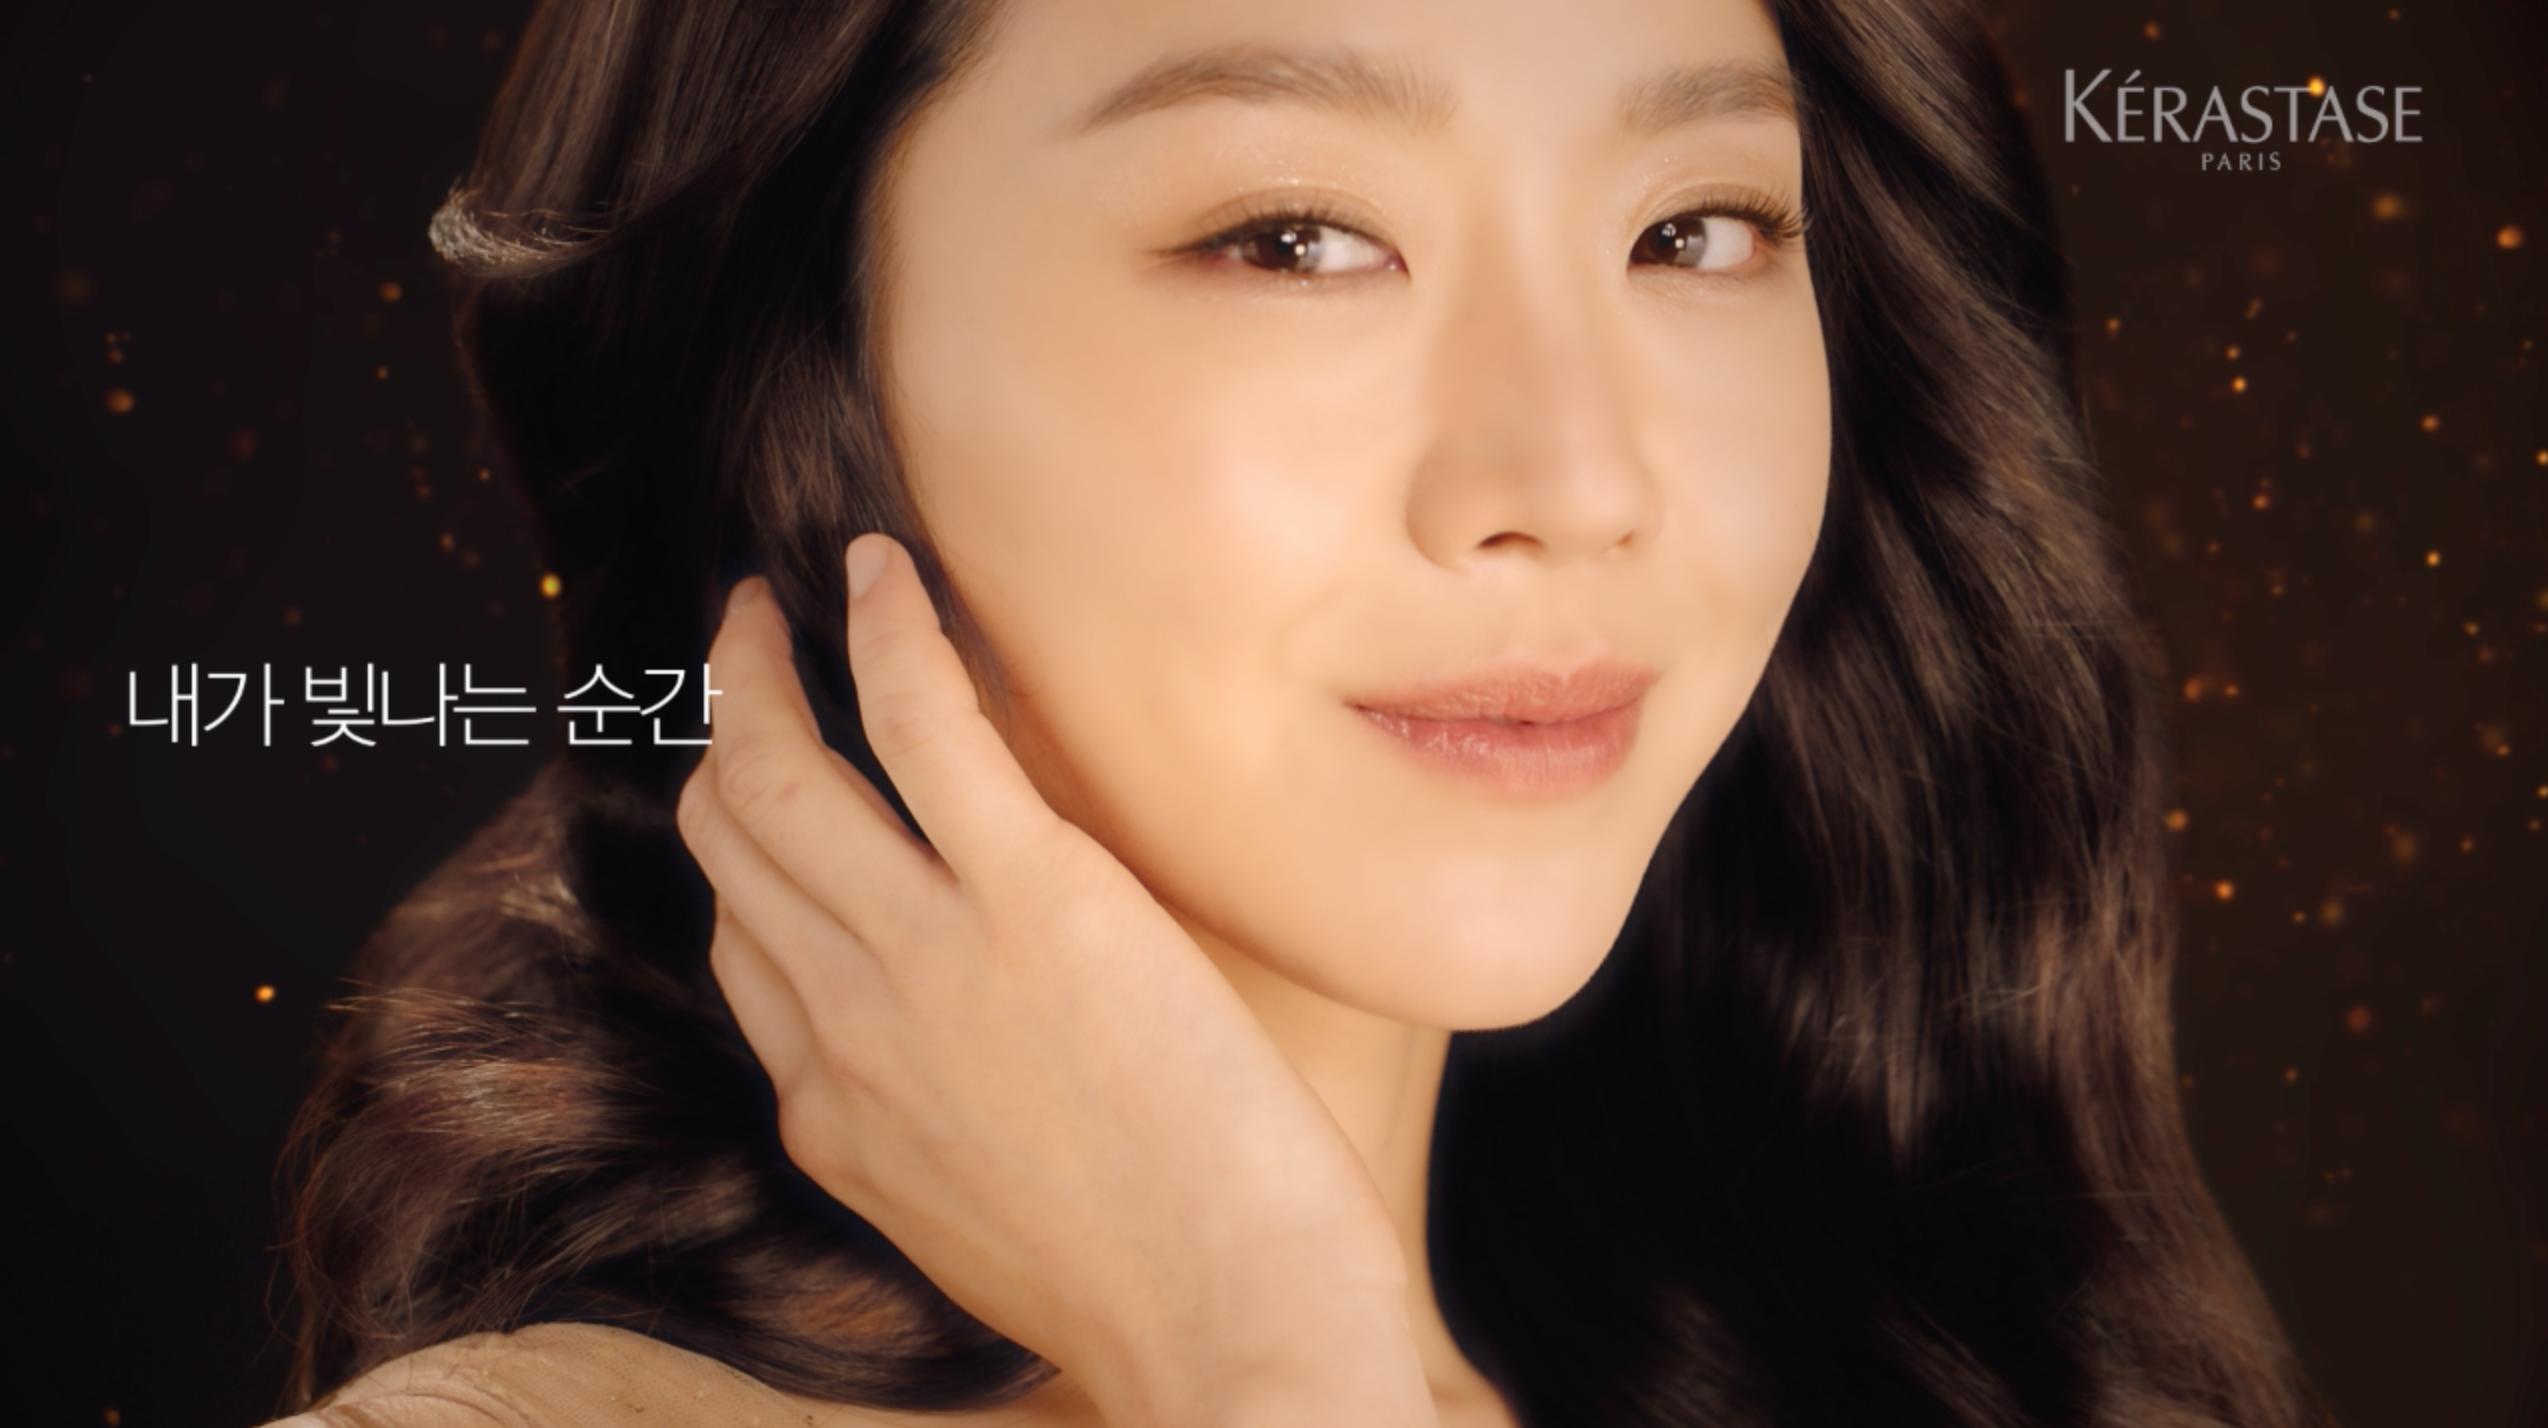 케라스타즈의 뮤즈 배우 신혜선, 그녀의 여신 헤어 비밀은? 마룰라 오일의 함유로 빛나는 여신 헤어를 완성해준 #여신오일 엘릭서얼팀